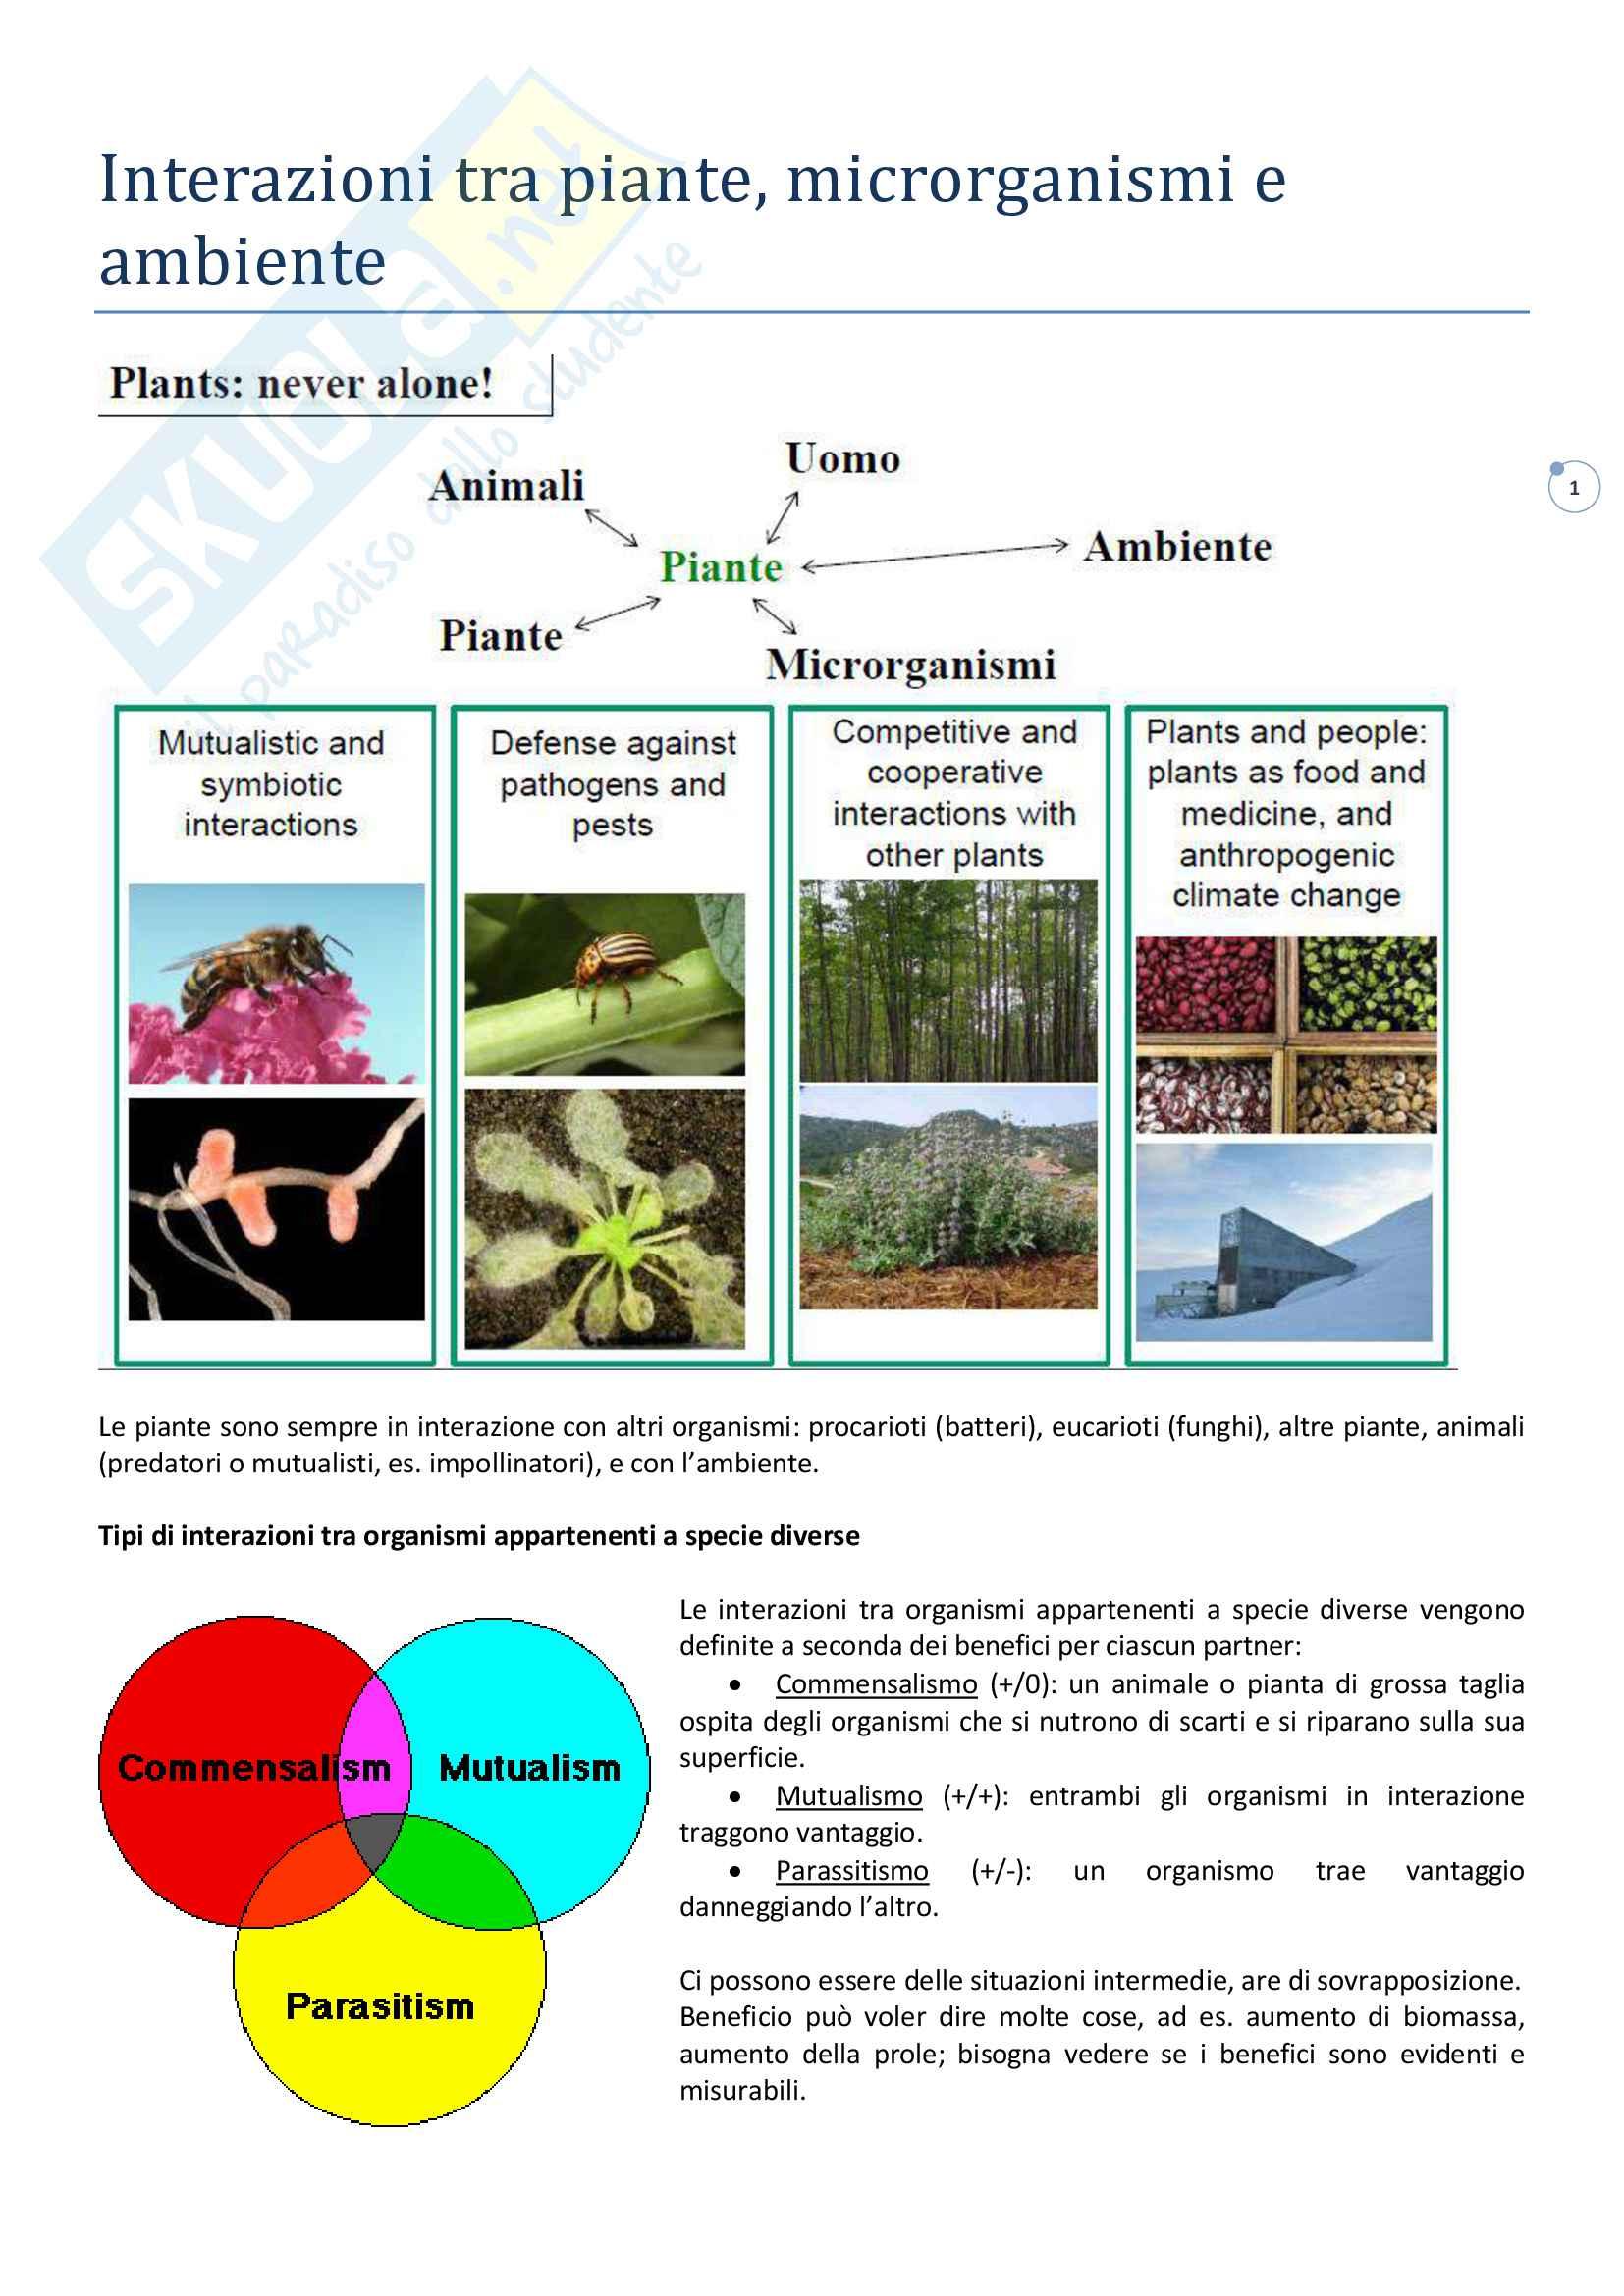 appunto P. Bonfante Interazioni tra piante microrganismi e ambiente